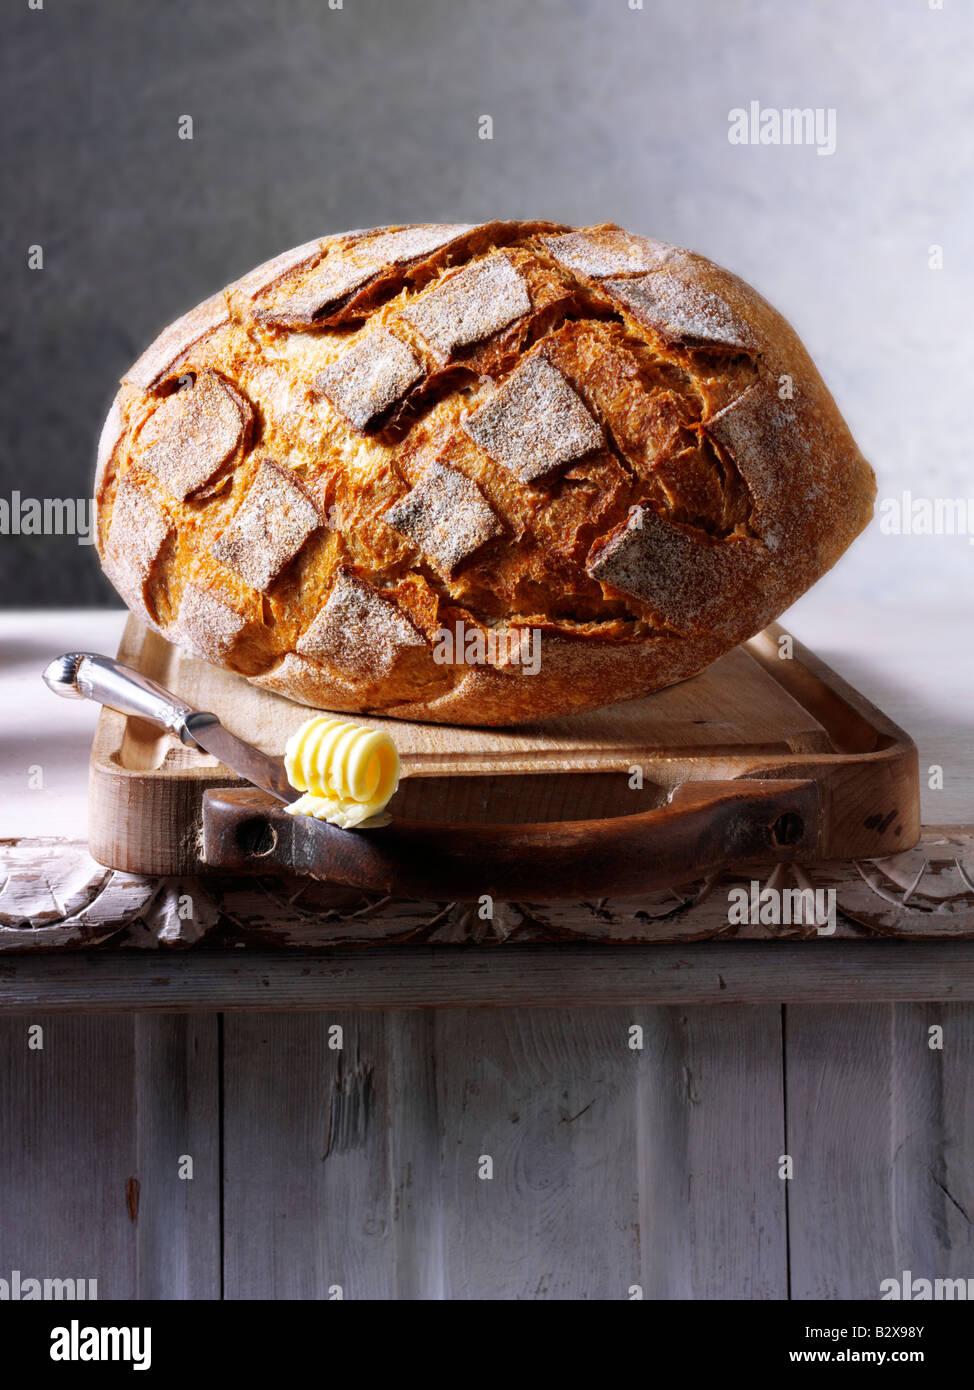 Vollkorn Brot Stockbild